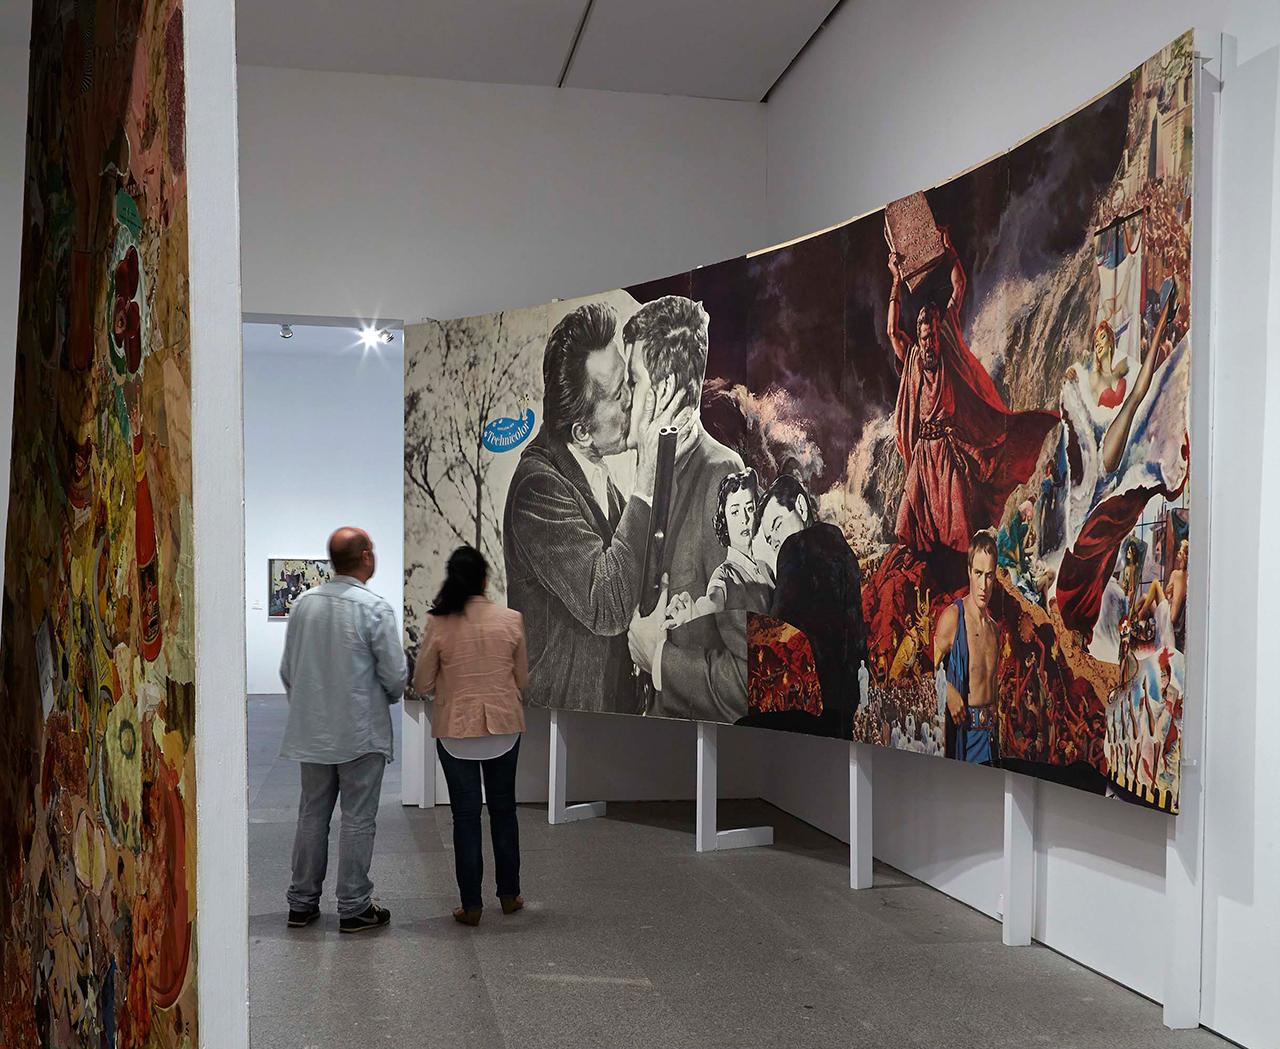 Reina sof a in madrid to host richard hamilton metalocus - Museo nacional centro de arte reina sofia ...